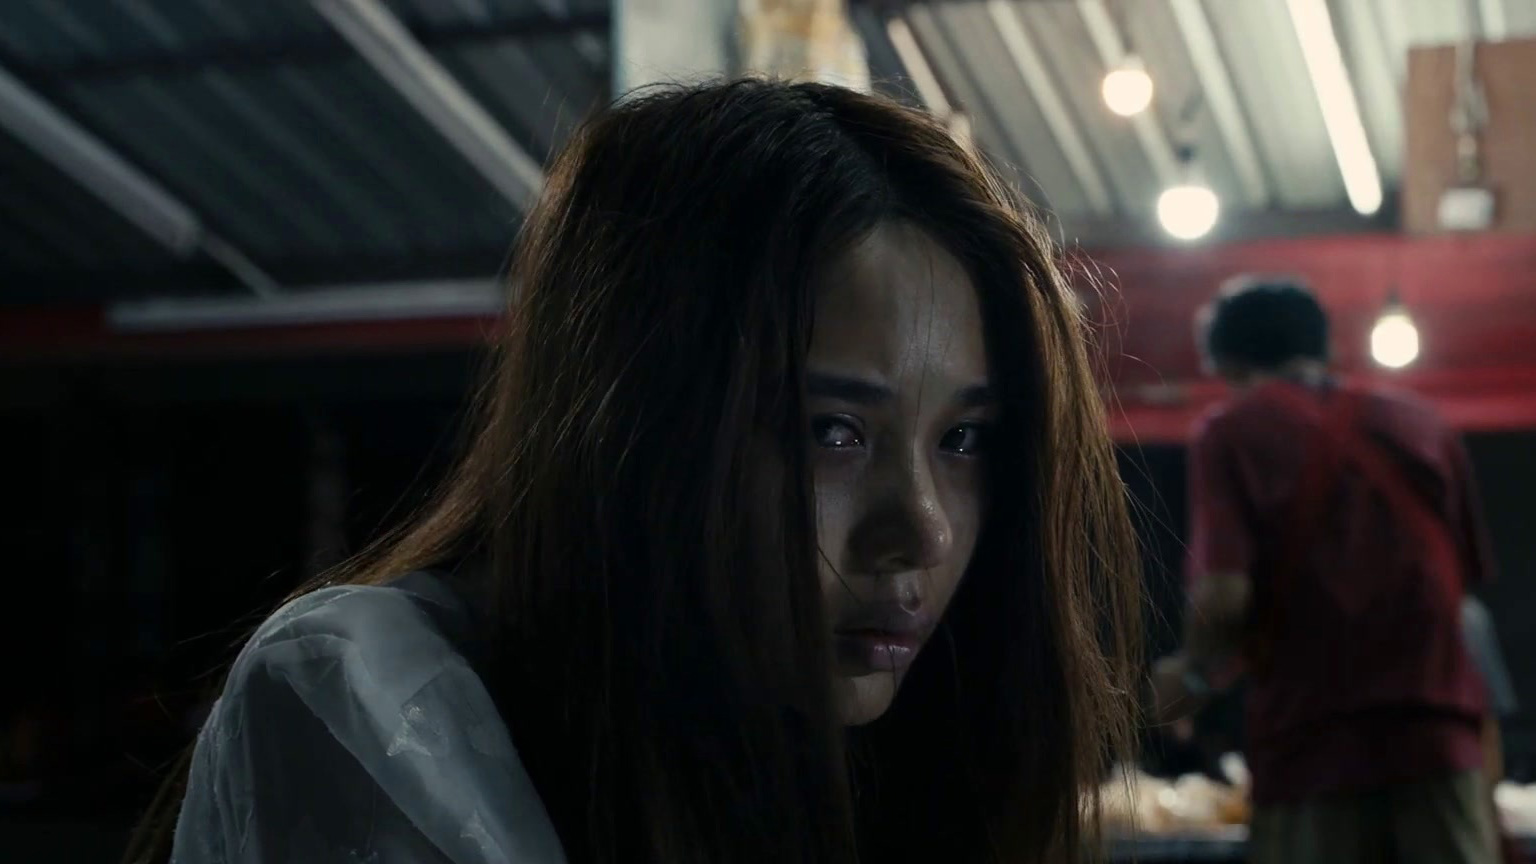 The Medium (US Trailer 1)